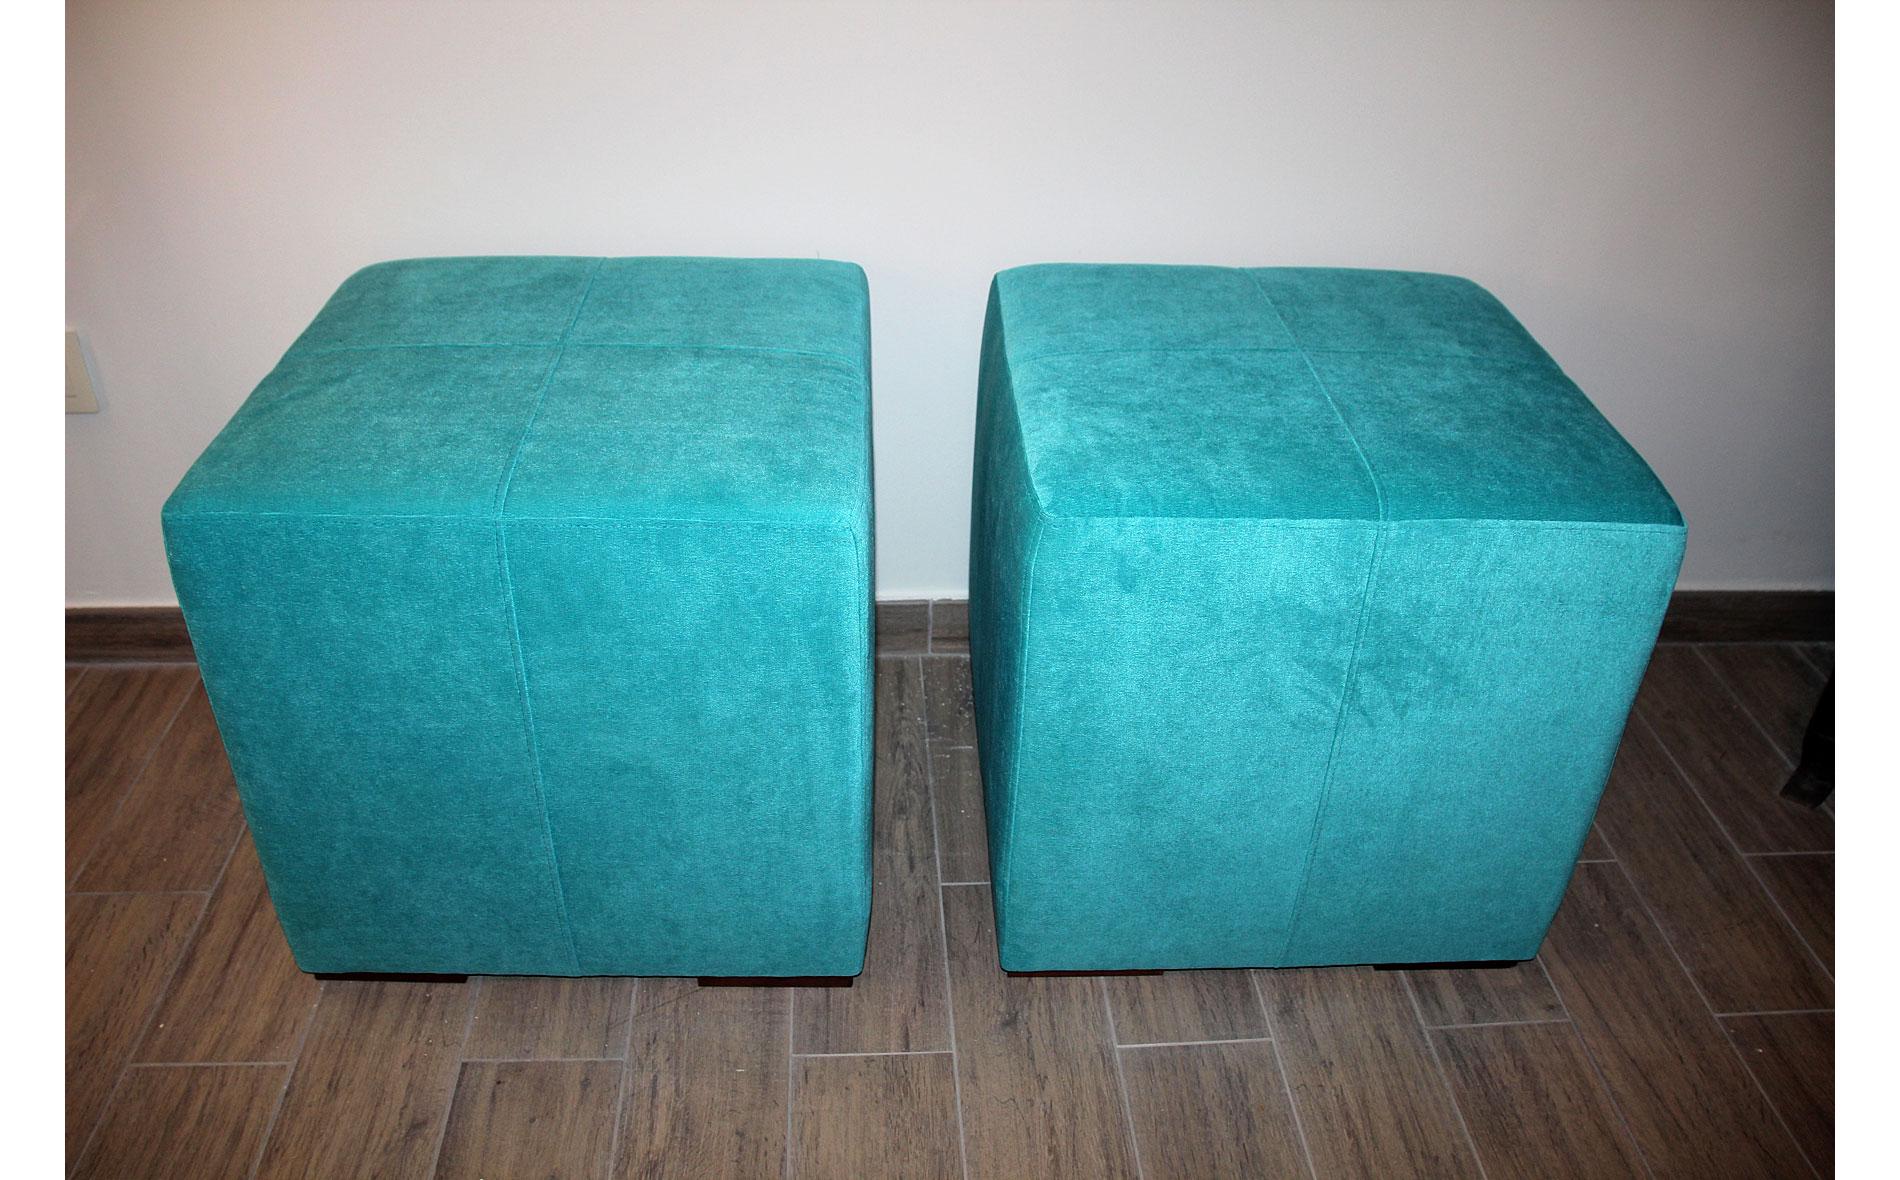 Puff Cuadrado Turquesa No Disponible En Portobellostreet Es # Muebles Turquesa